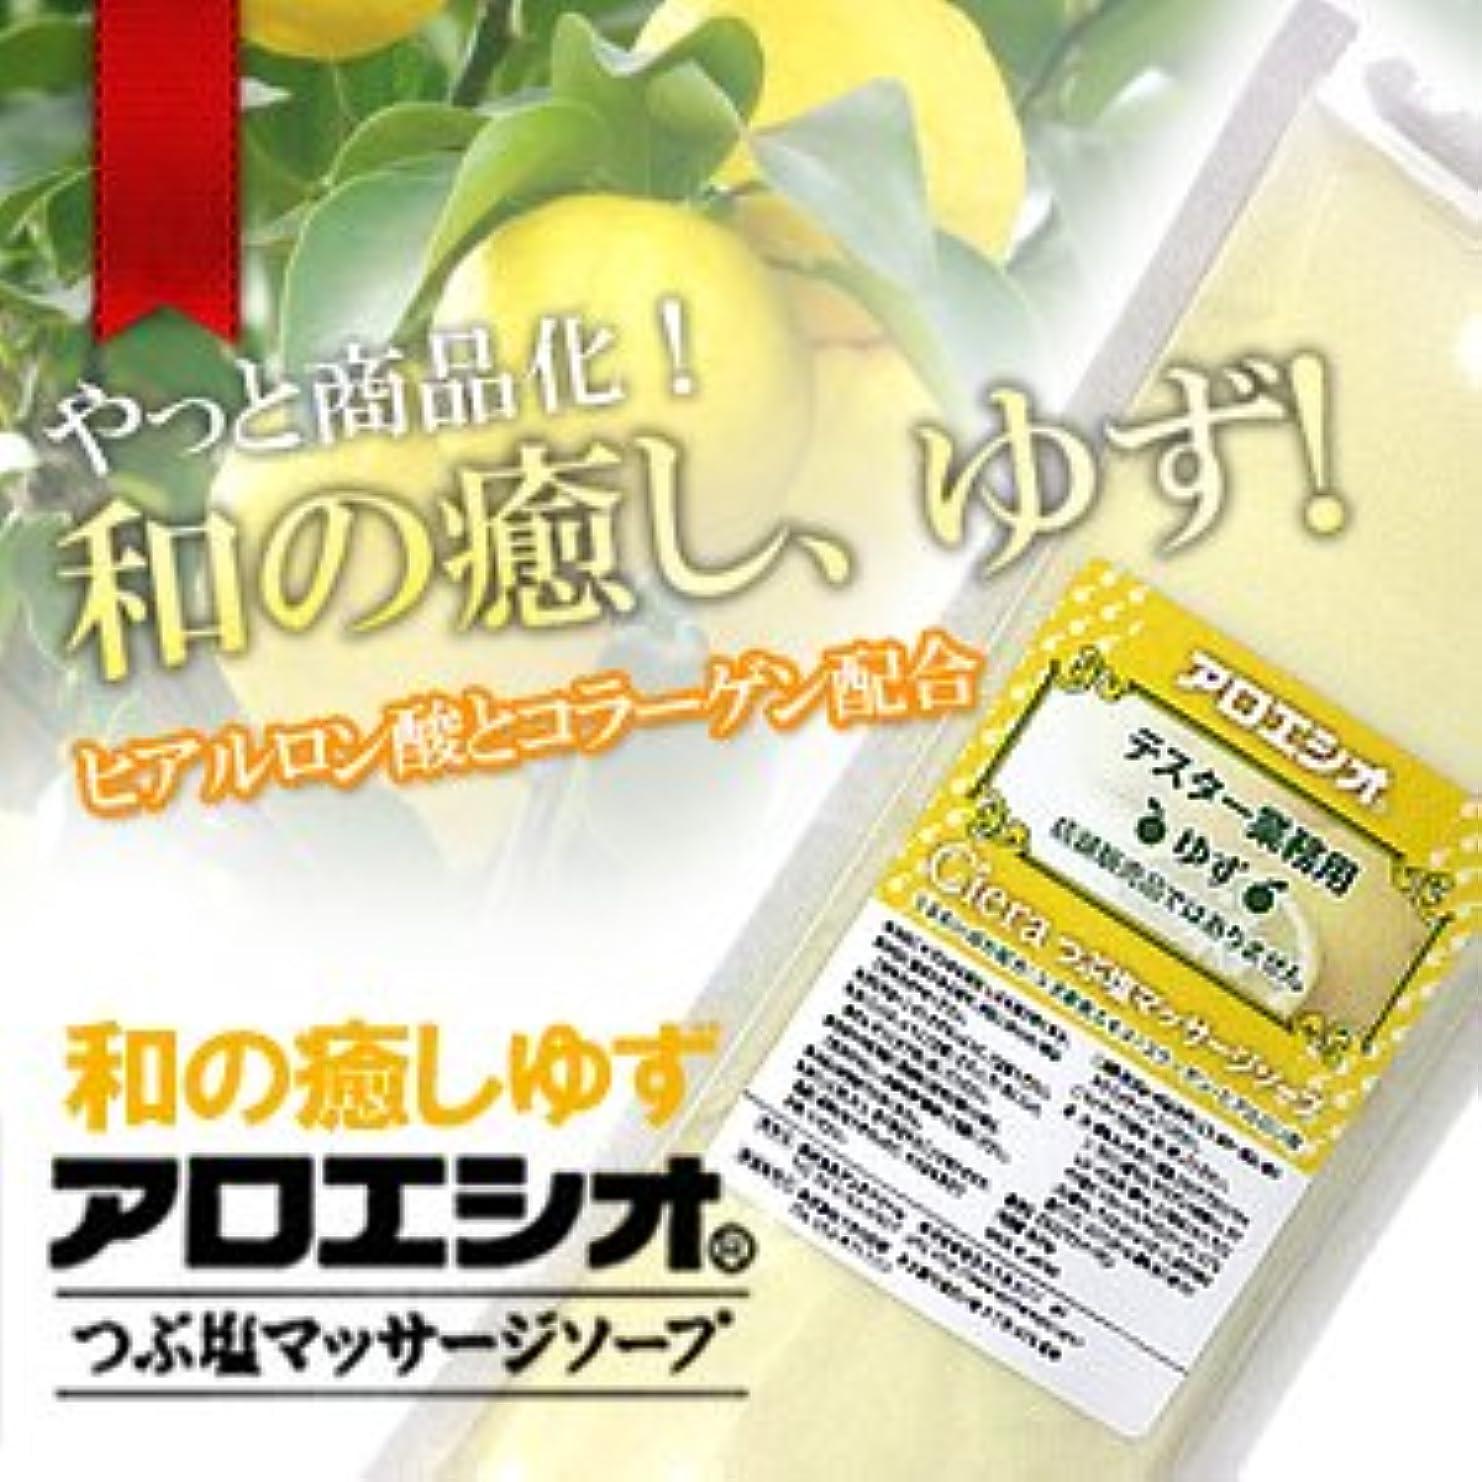 ボールフォージ吐くゆず アロエ塩 800g つぶ塩マッサージソープ/フタバ化学 アロエシオ